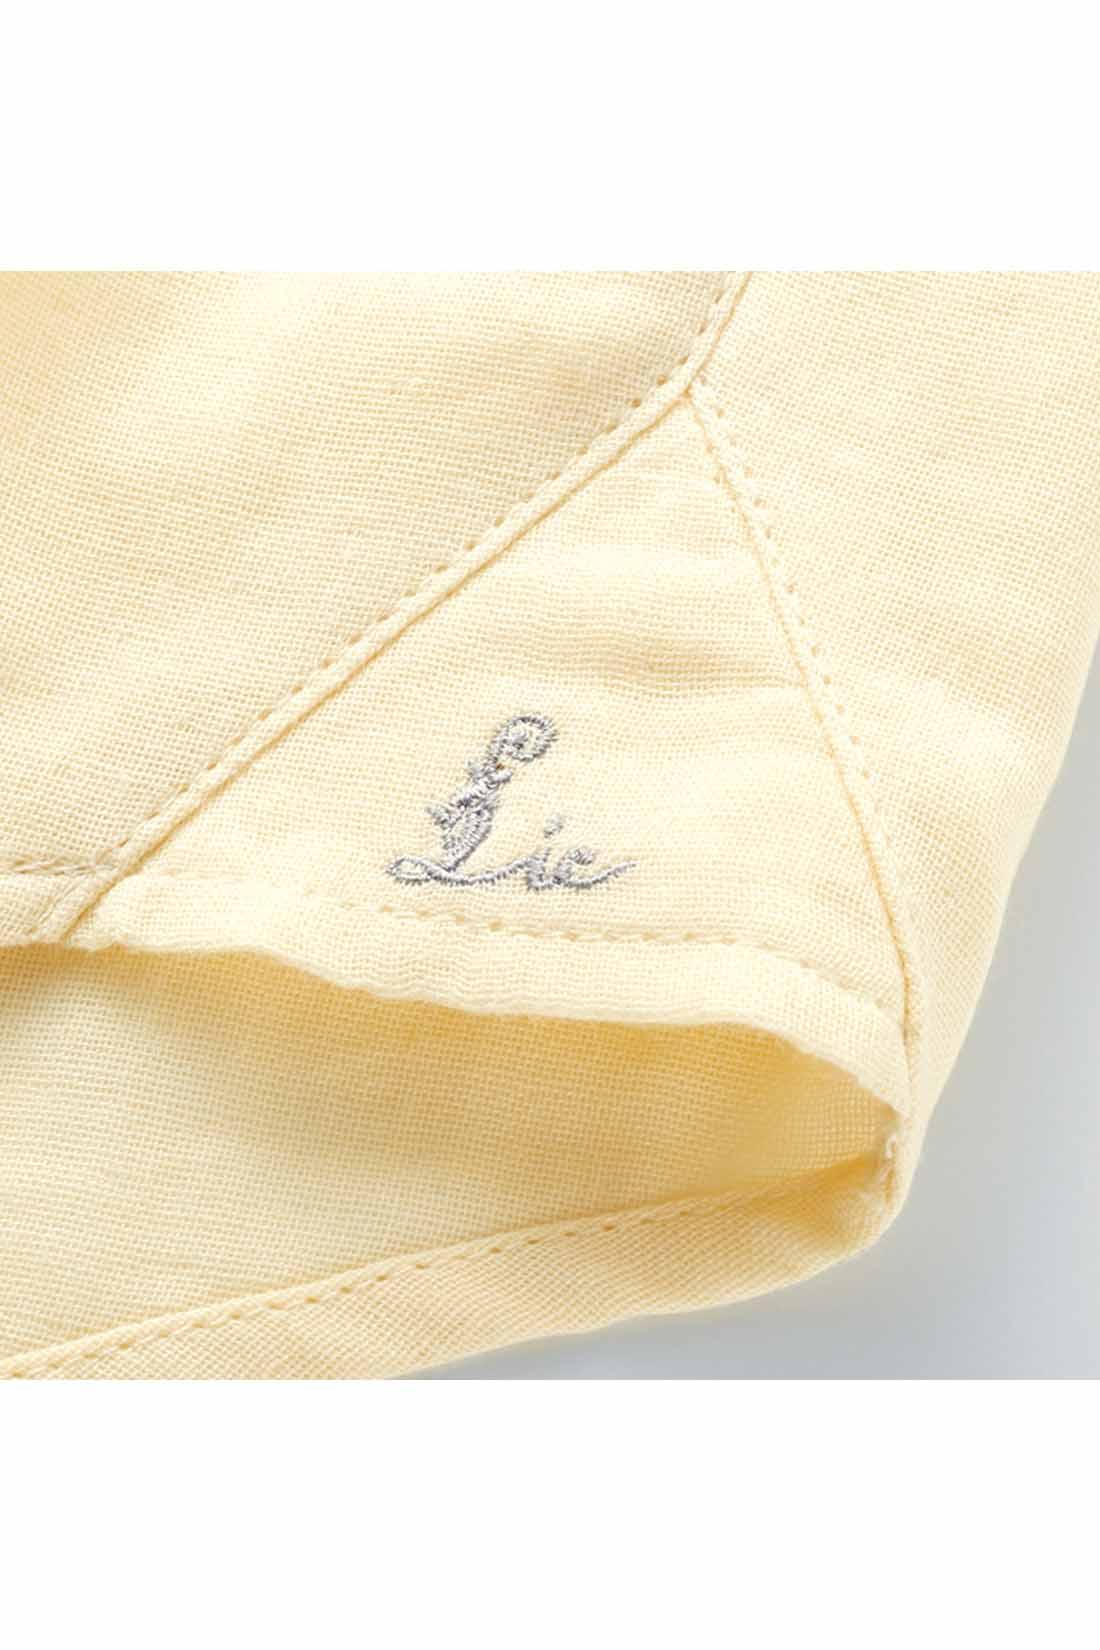 わきのガゼットにリブインのオリジナルロゴ刺繍をオン。 ※お届けするカラーとは異なります。